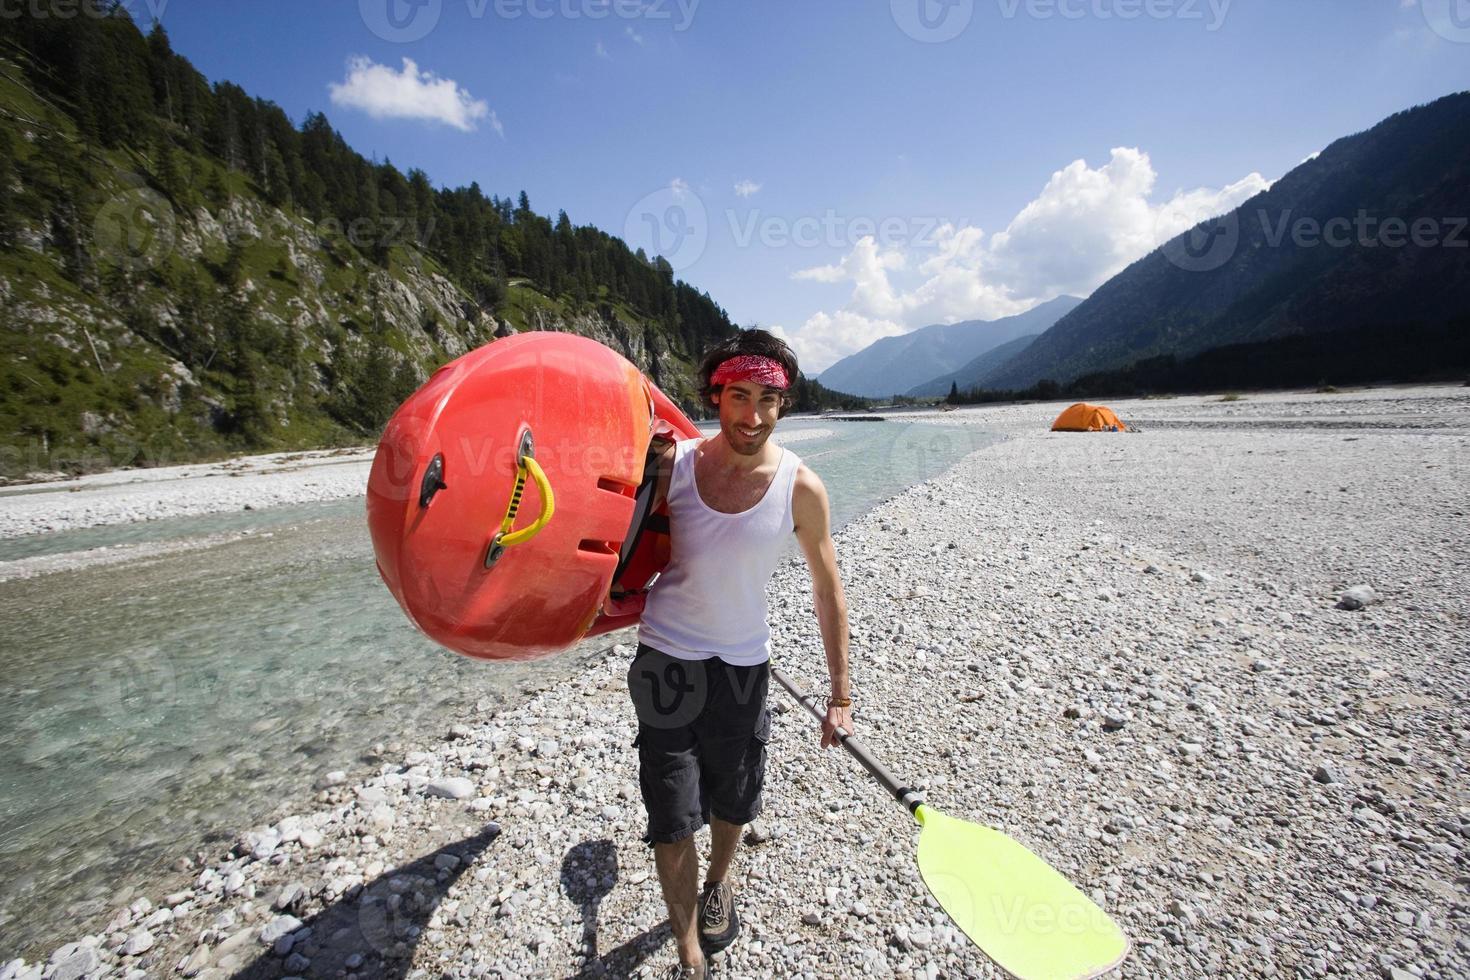 Alemania, Baviera, tierra de Tölzer, joven llevando remo de kayak sonriendo foto